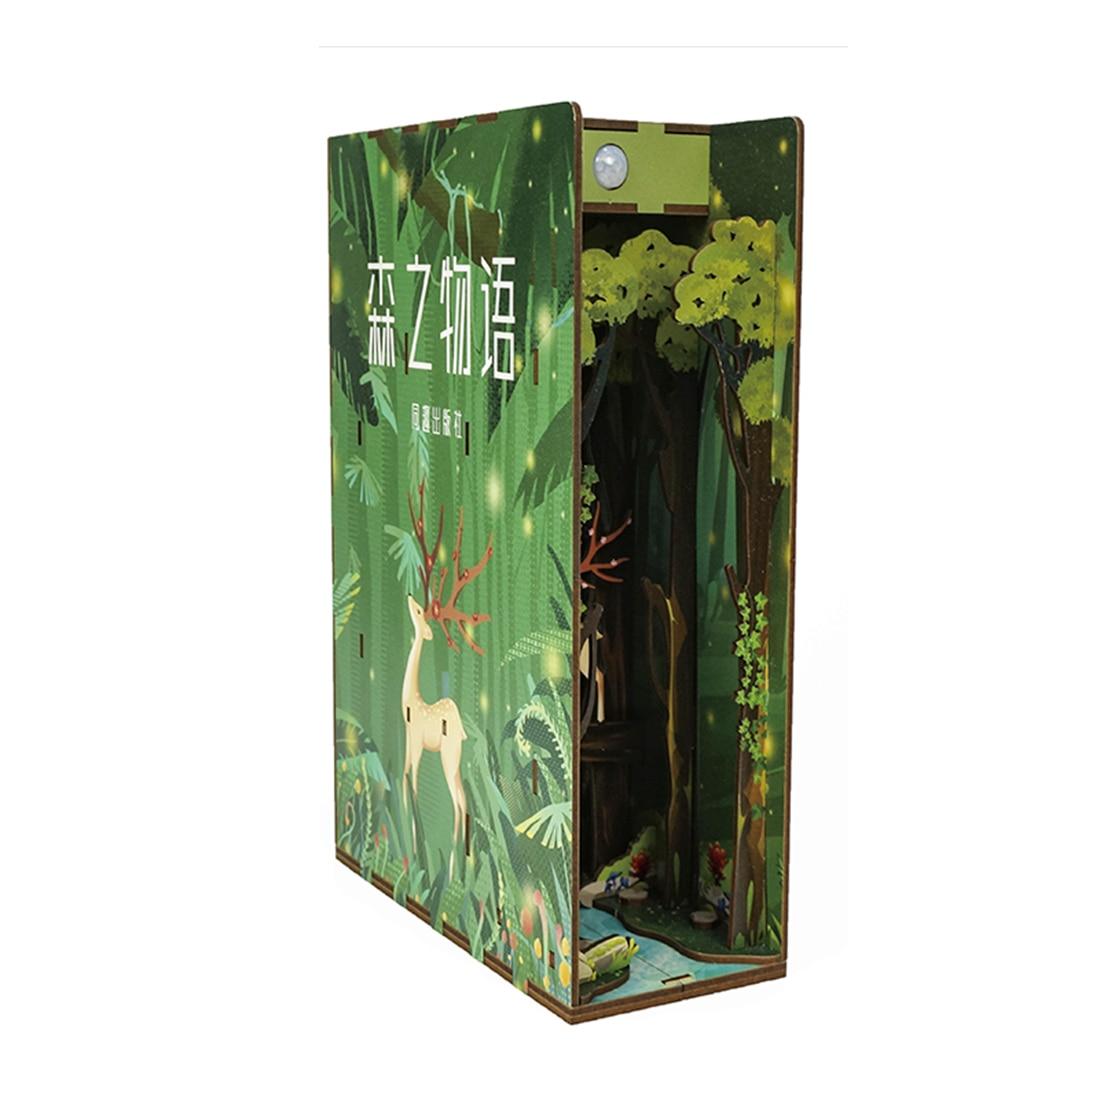 He8a43a65b4bf4796ae7844e0f567a5a7v - Robotime - DIY Models, DIY Miniature Houses, 3d Wooden Puzzle